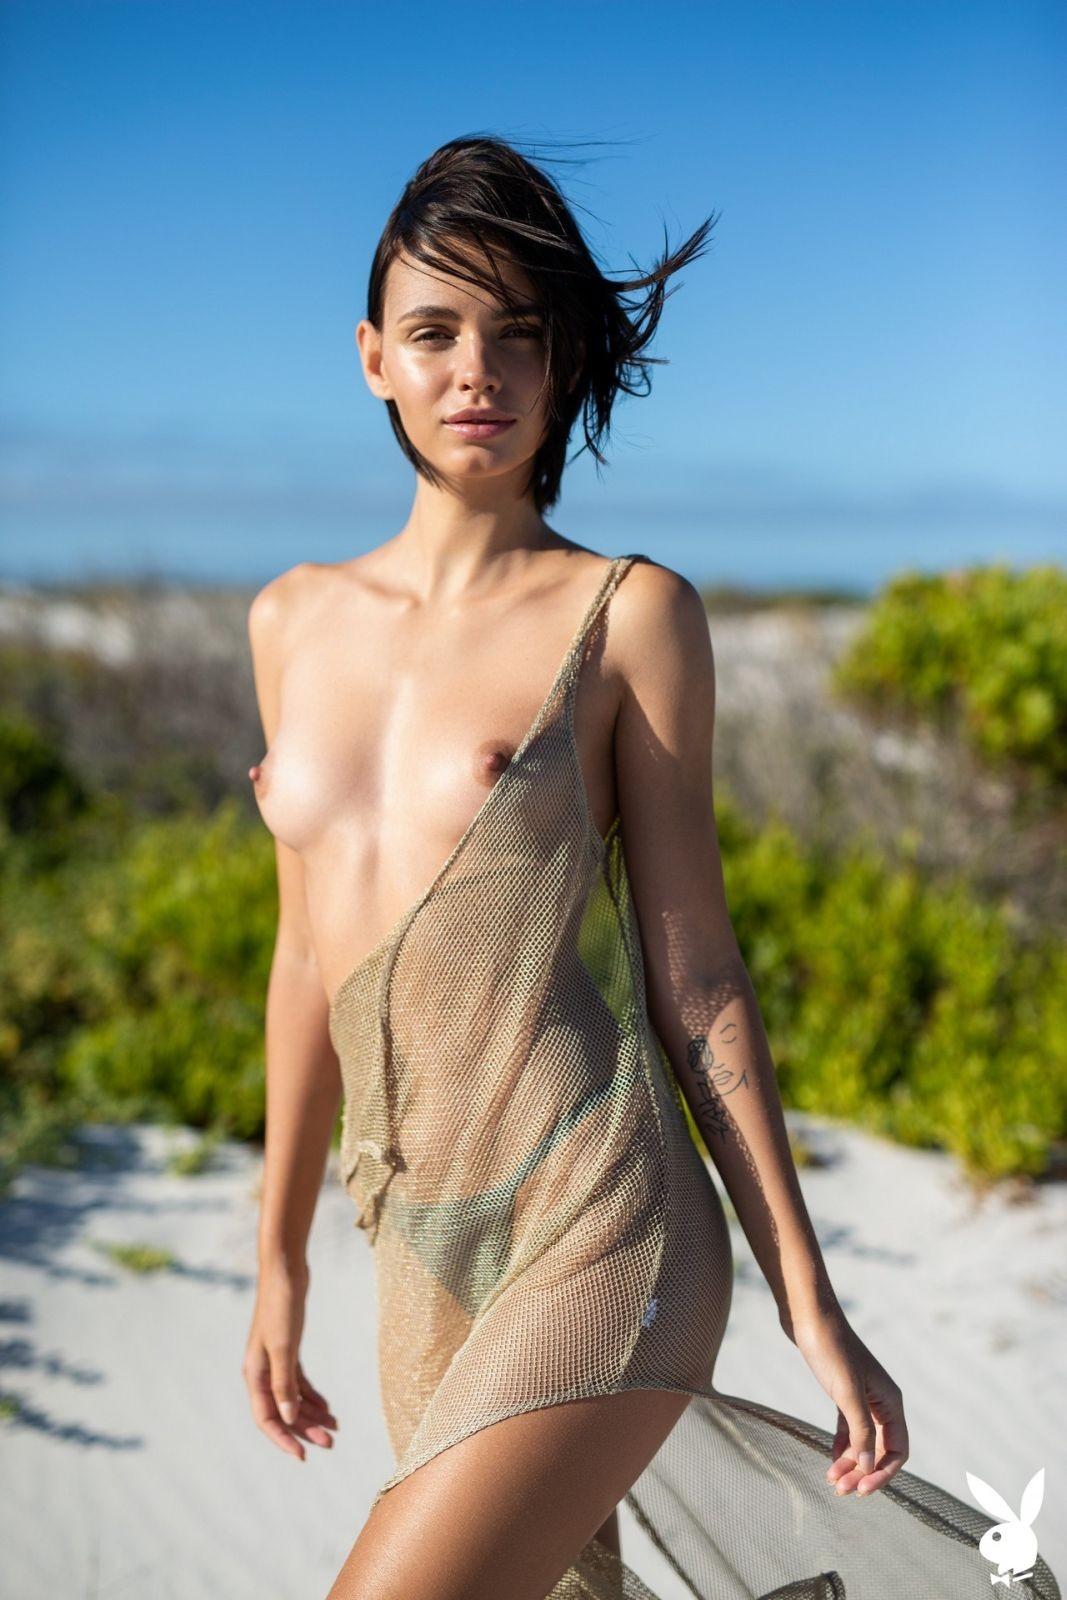 Сексуальная девица в майке и трусиках на пляже - фото